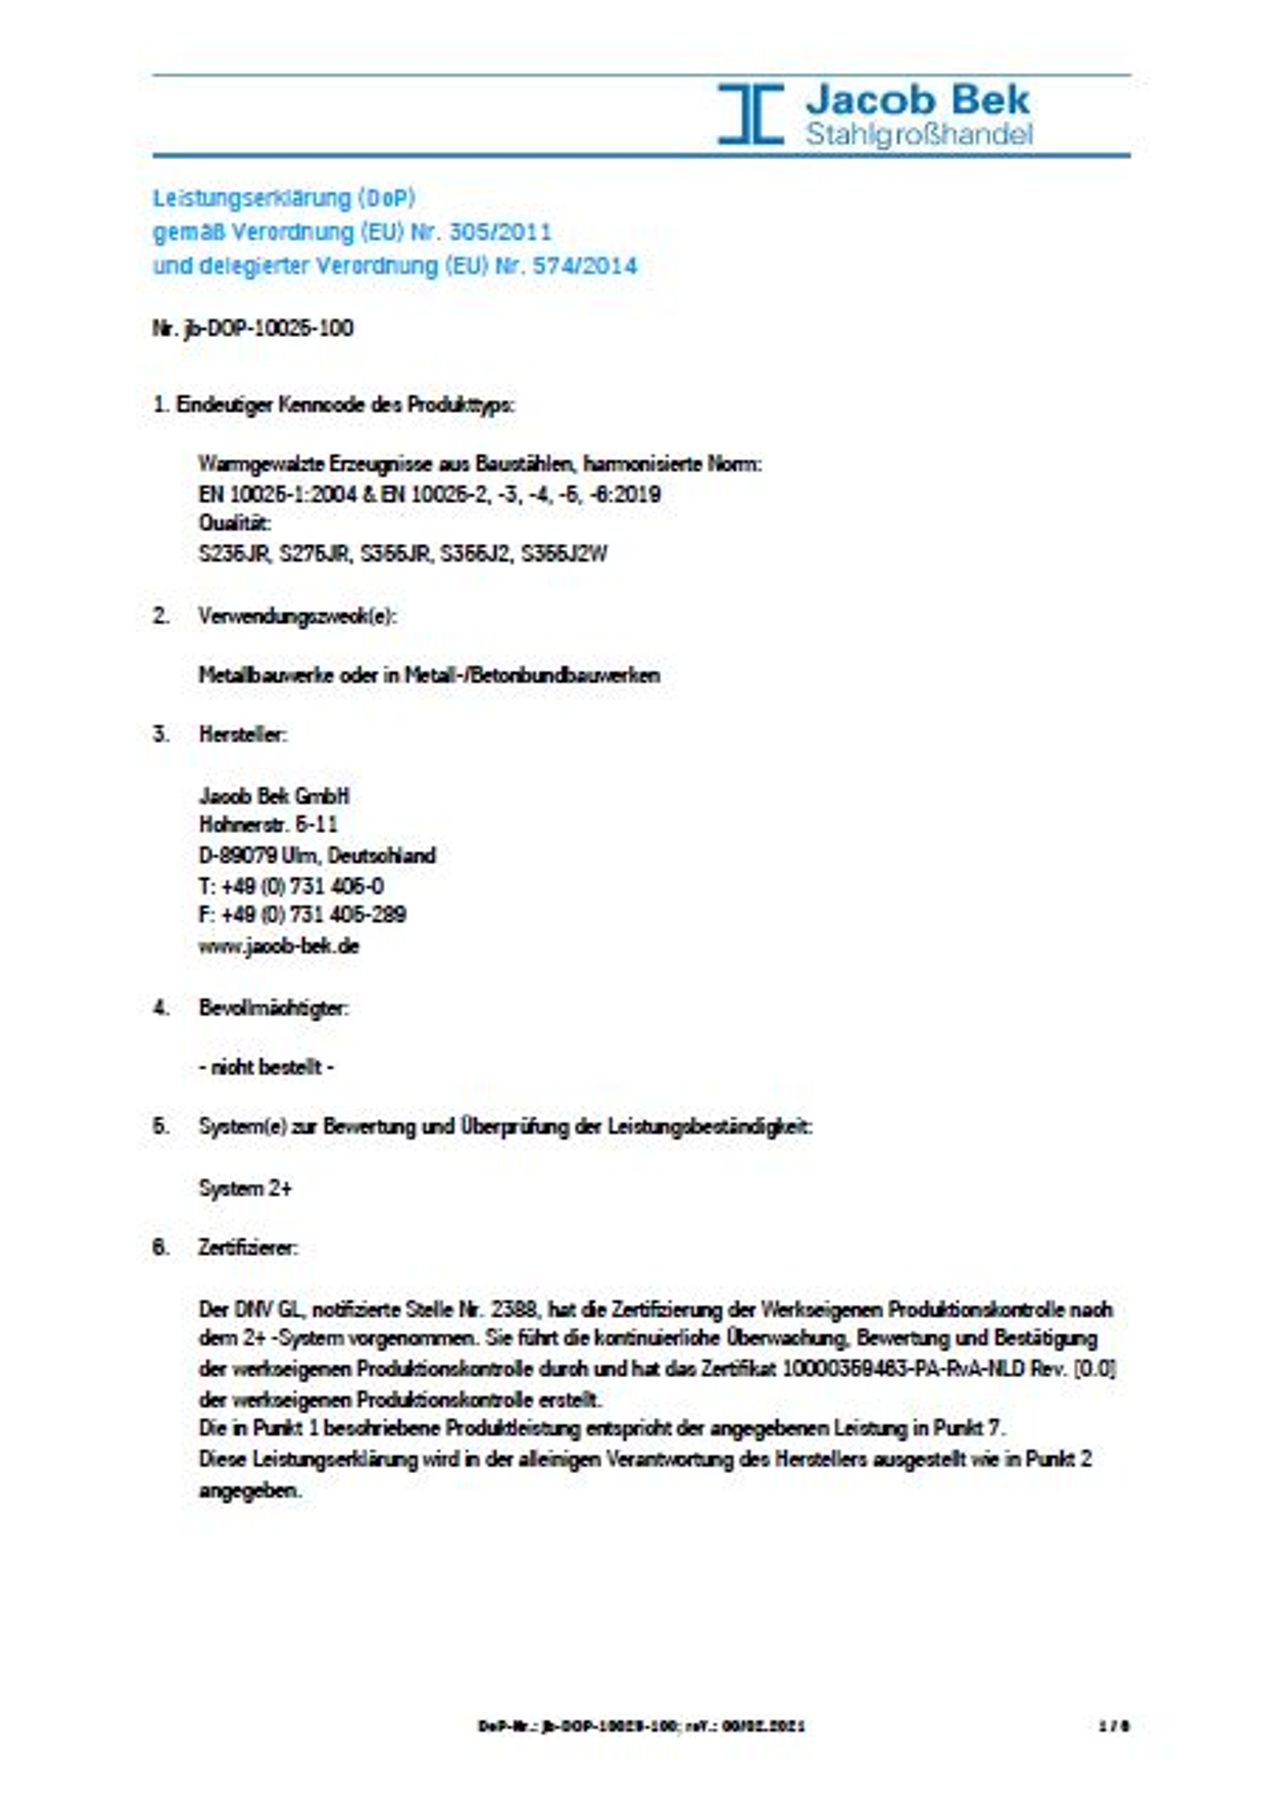 Leistungserklärung, Zertifikat, Jacob Bek